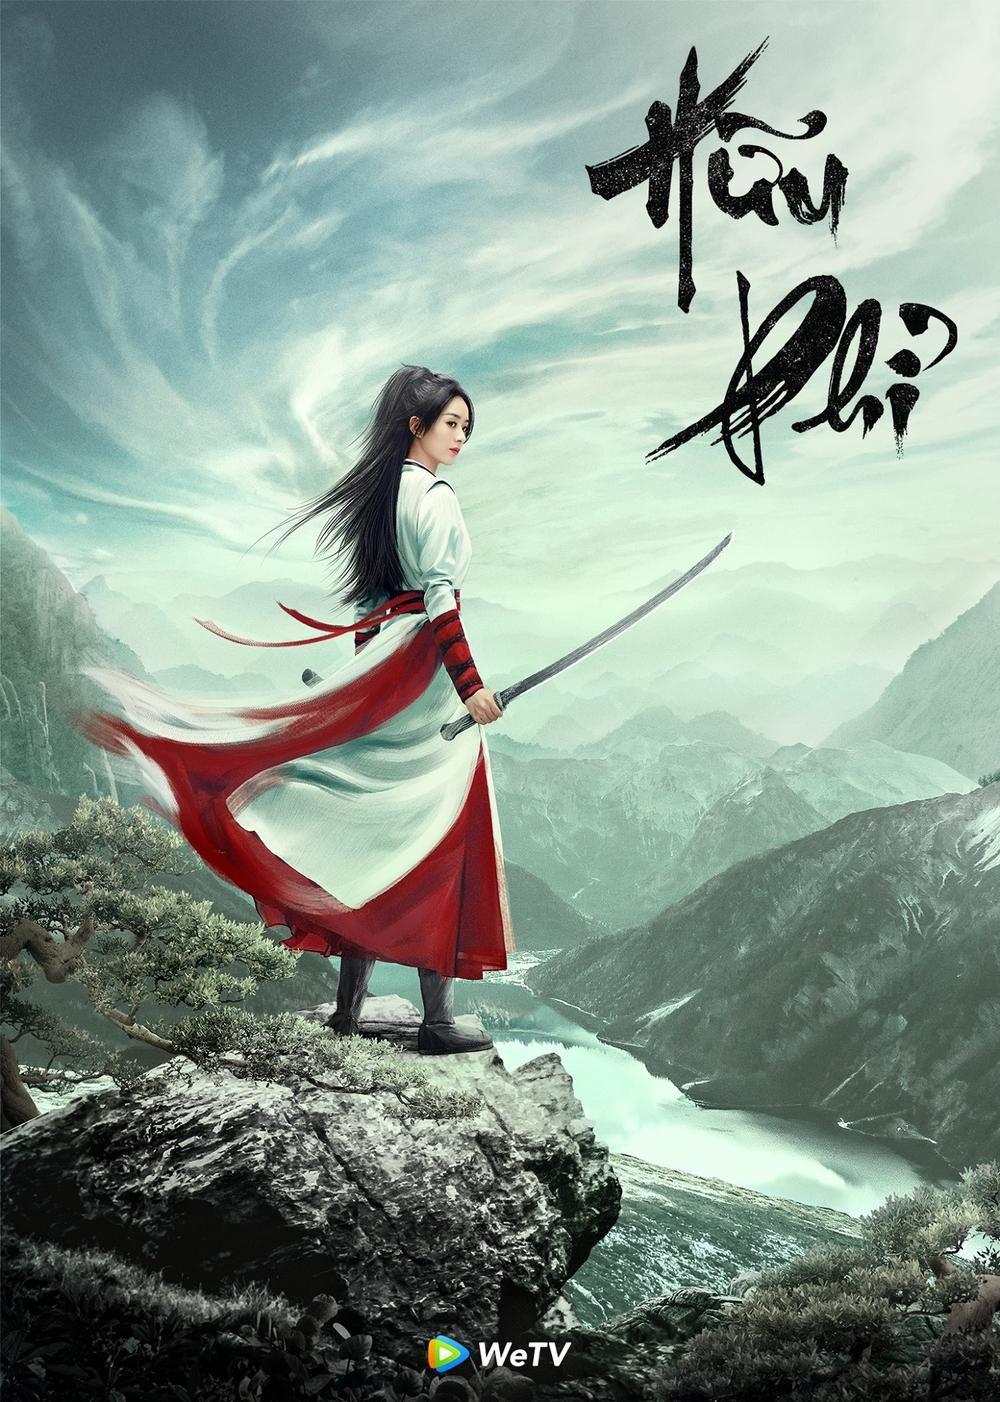 'Hữu Phỉ' - Bộ phim cổ trang đề cao tinh thần nữ quyền hiếm gặp trên màn ảnh Hoa ngữ Ảnh 2